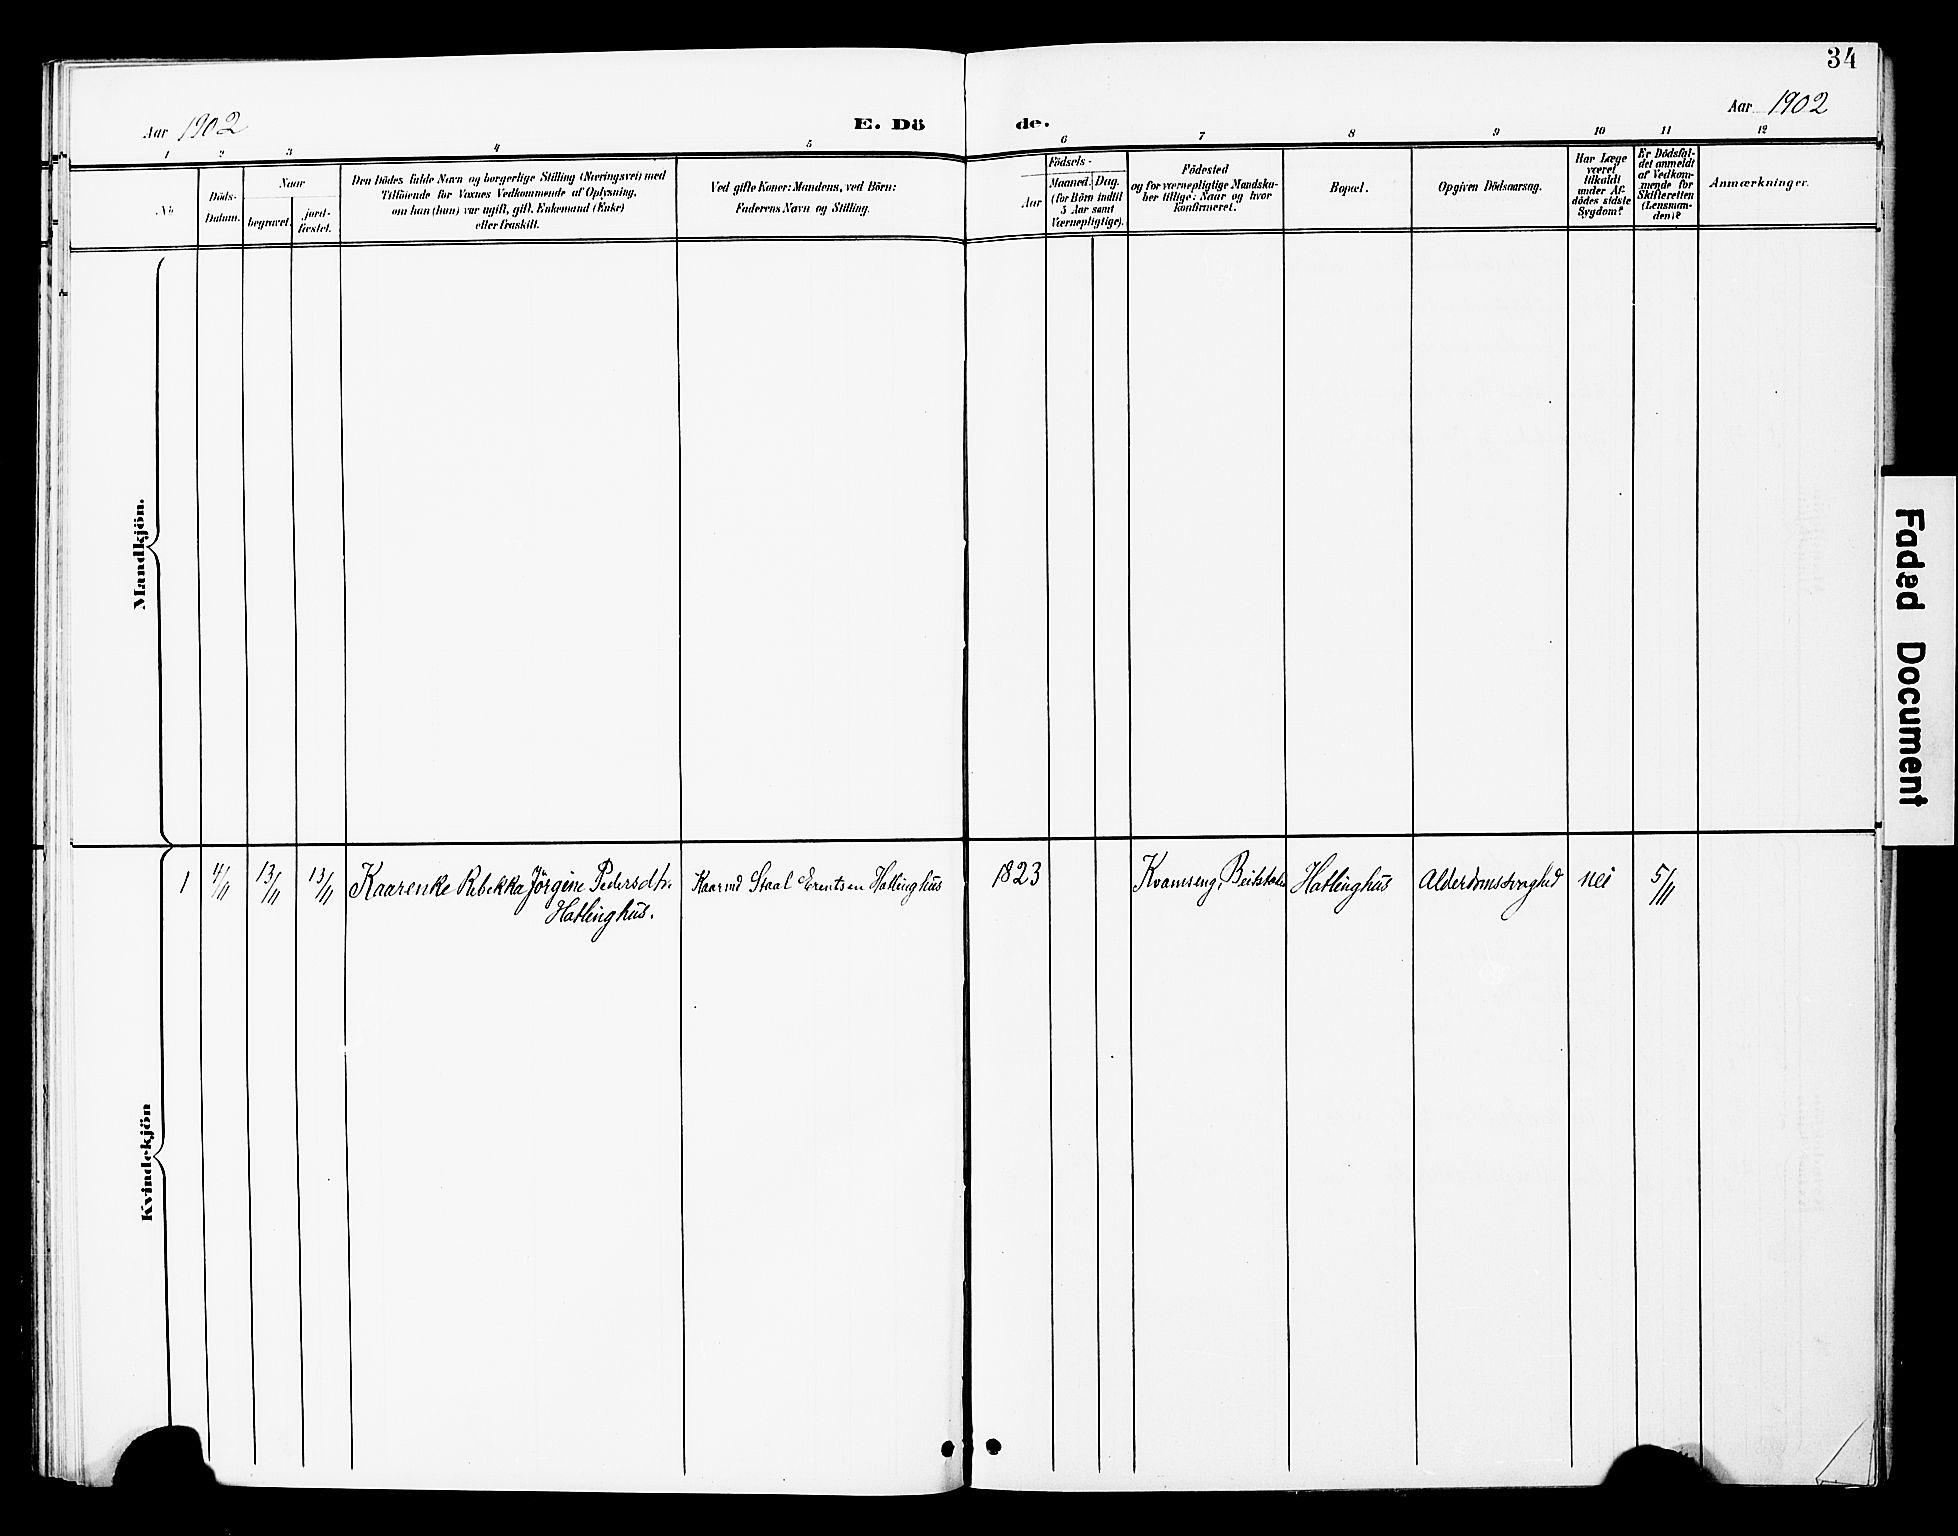 SAT, Ministerialprotokoller, klokkerbøker og fødselsregistre - Nord-Trøndelag, 748/L0464: Ministerialbok nr. 748A01, 1900-1908, s. 34